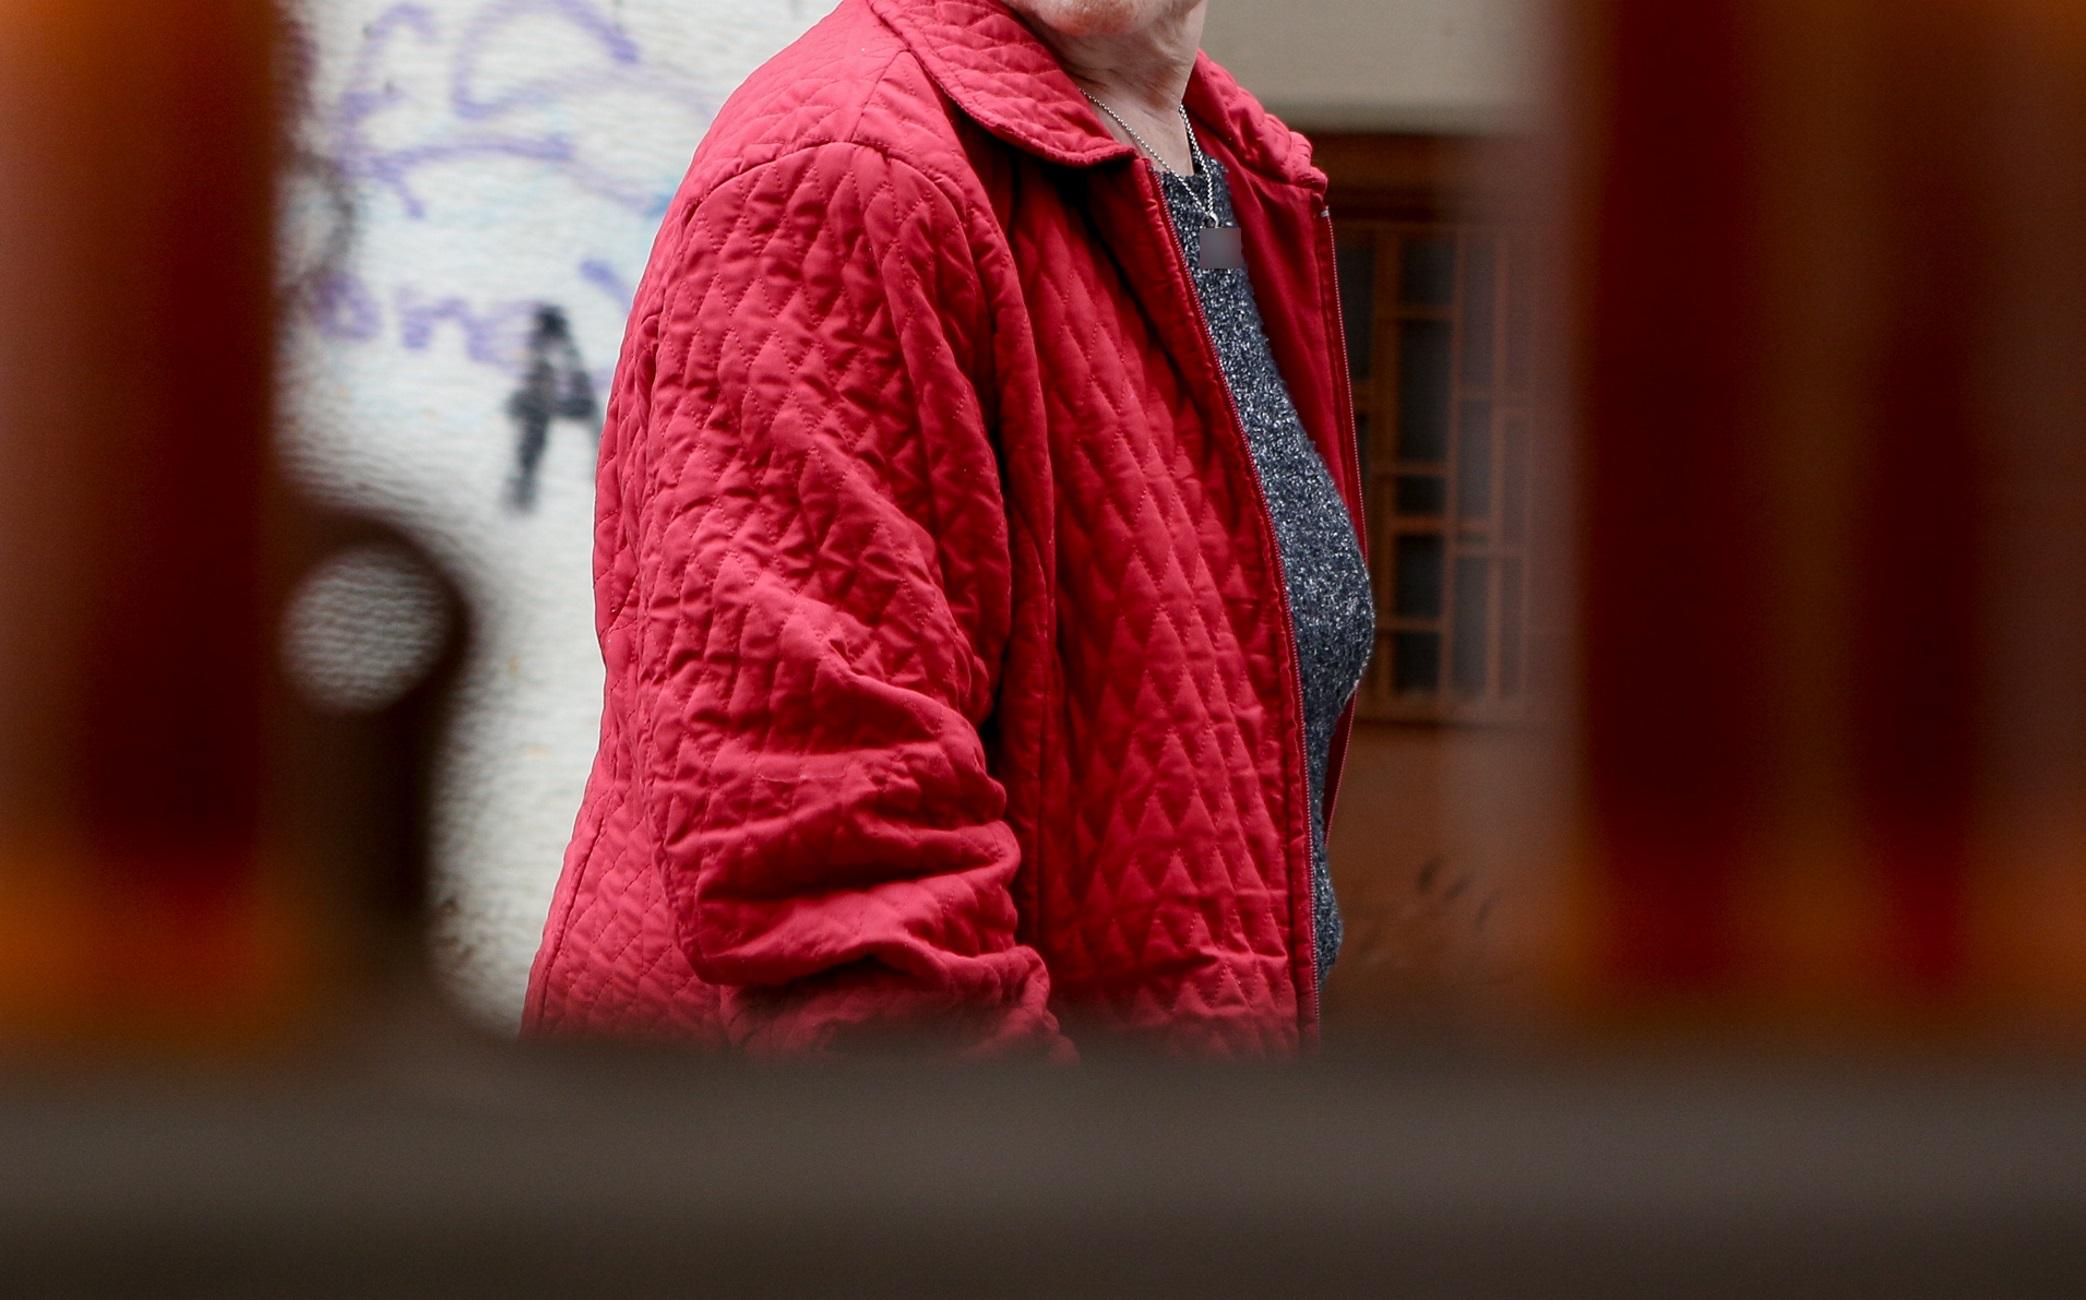 Θεσσαλονίκη: Πήγε στη λαϊκή αγορά και βρέθηκε με χειροπέδες! Περιπέτεια για γυναίκα στην Ξηροκρήνη